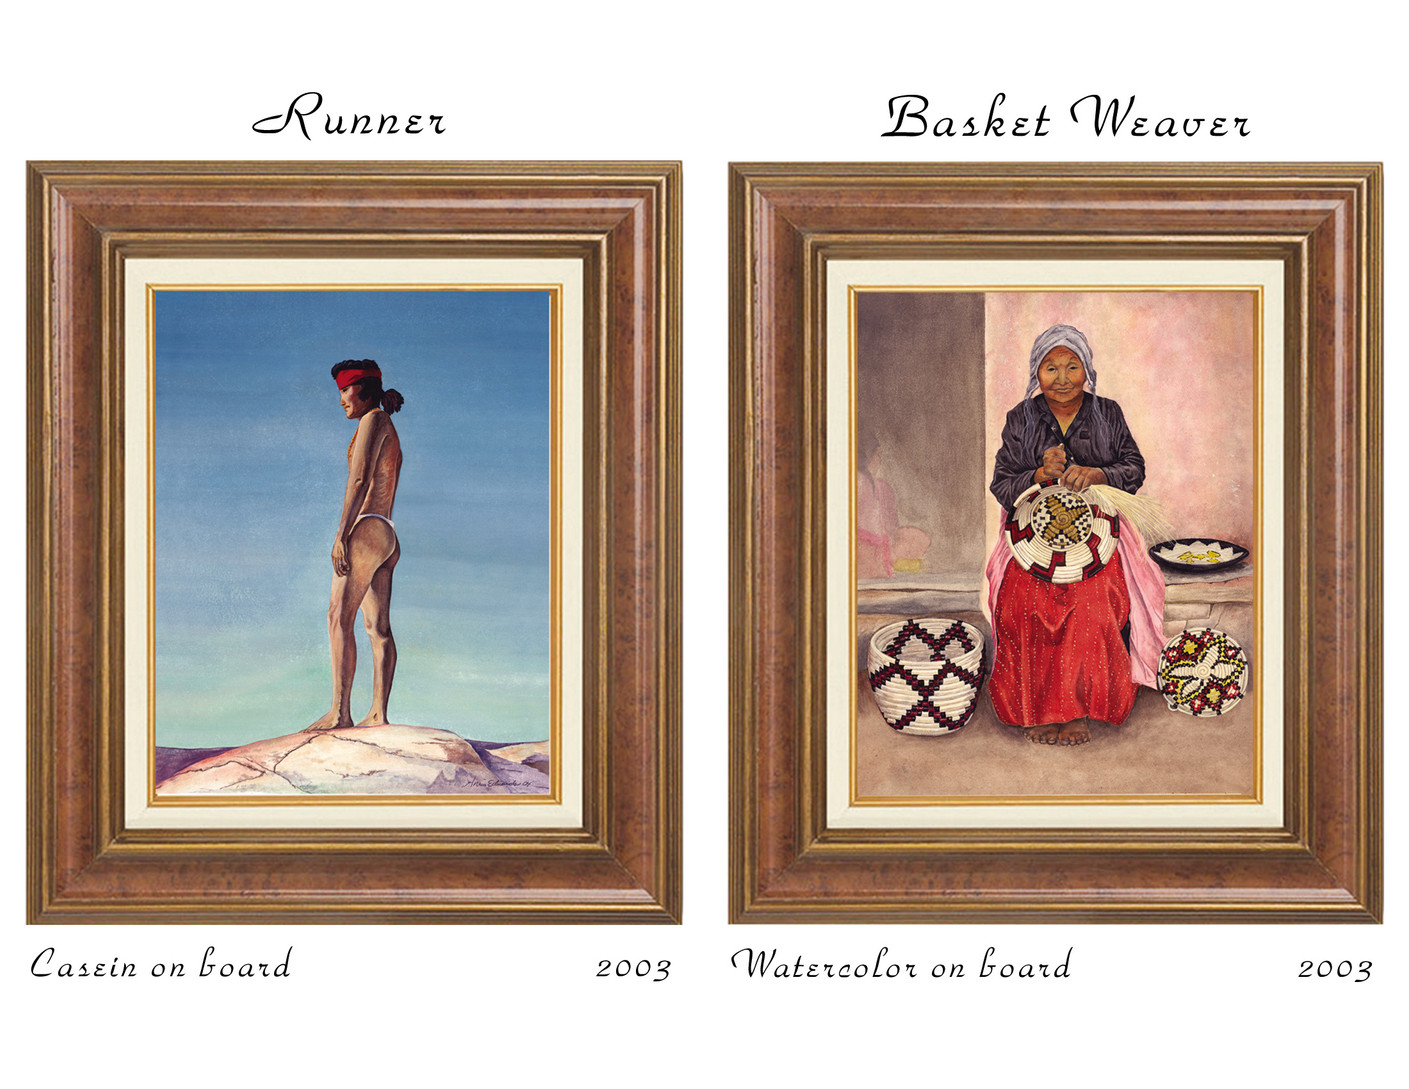 Runner and Basket Weaver